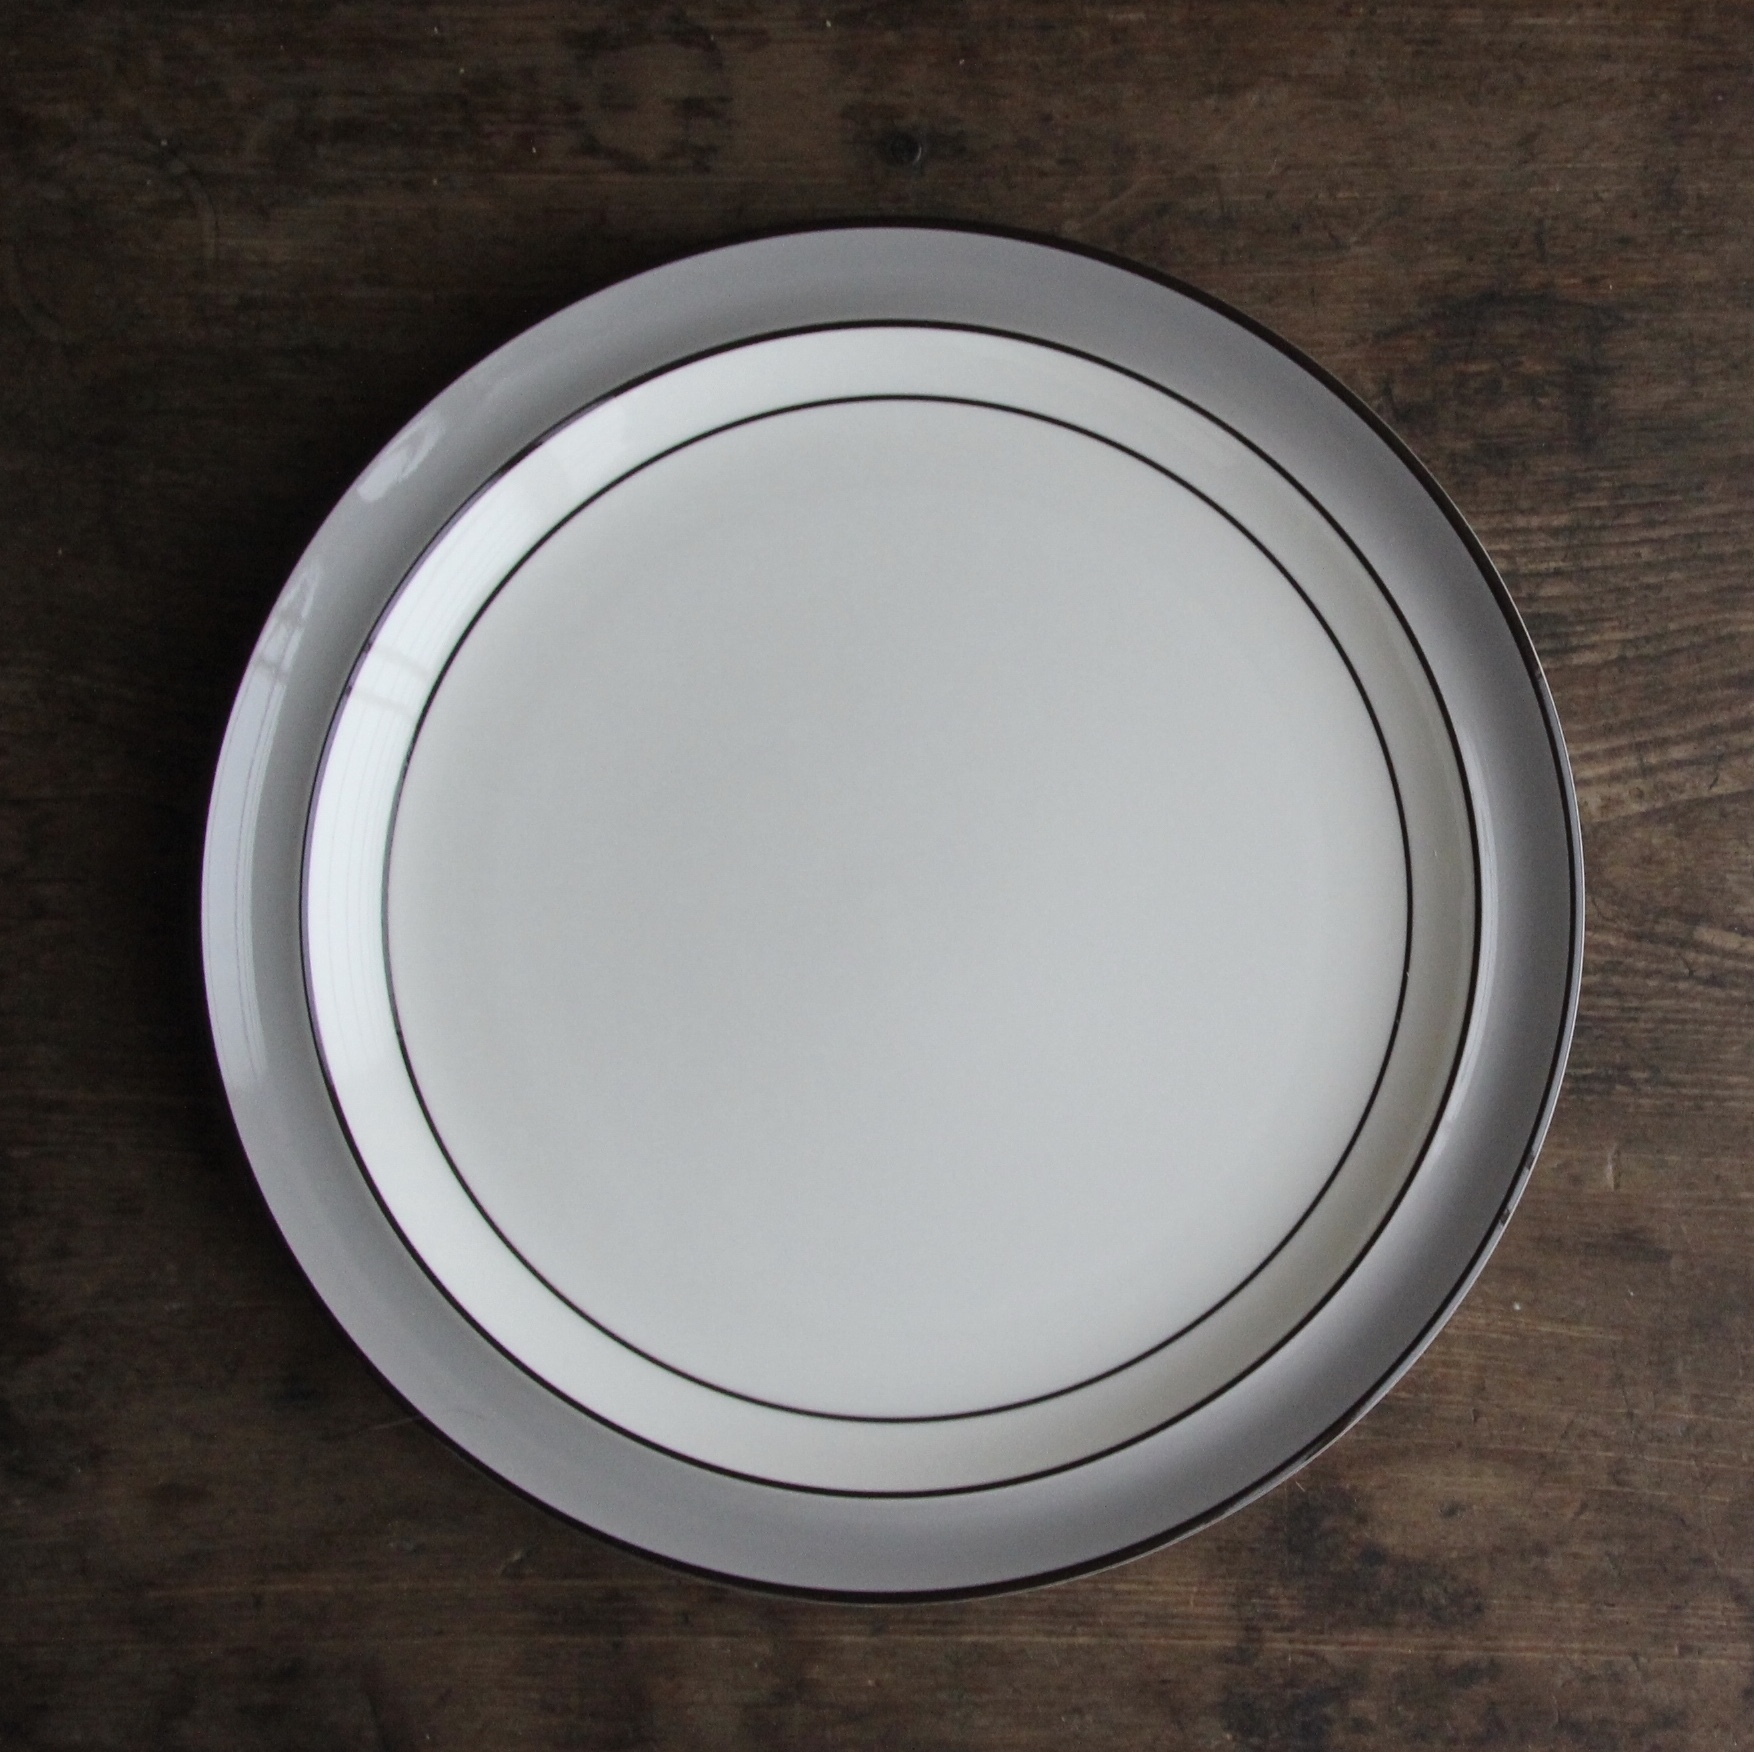 ライトグレーのリム ストーンウェア ディナー皿 在庫2枚